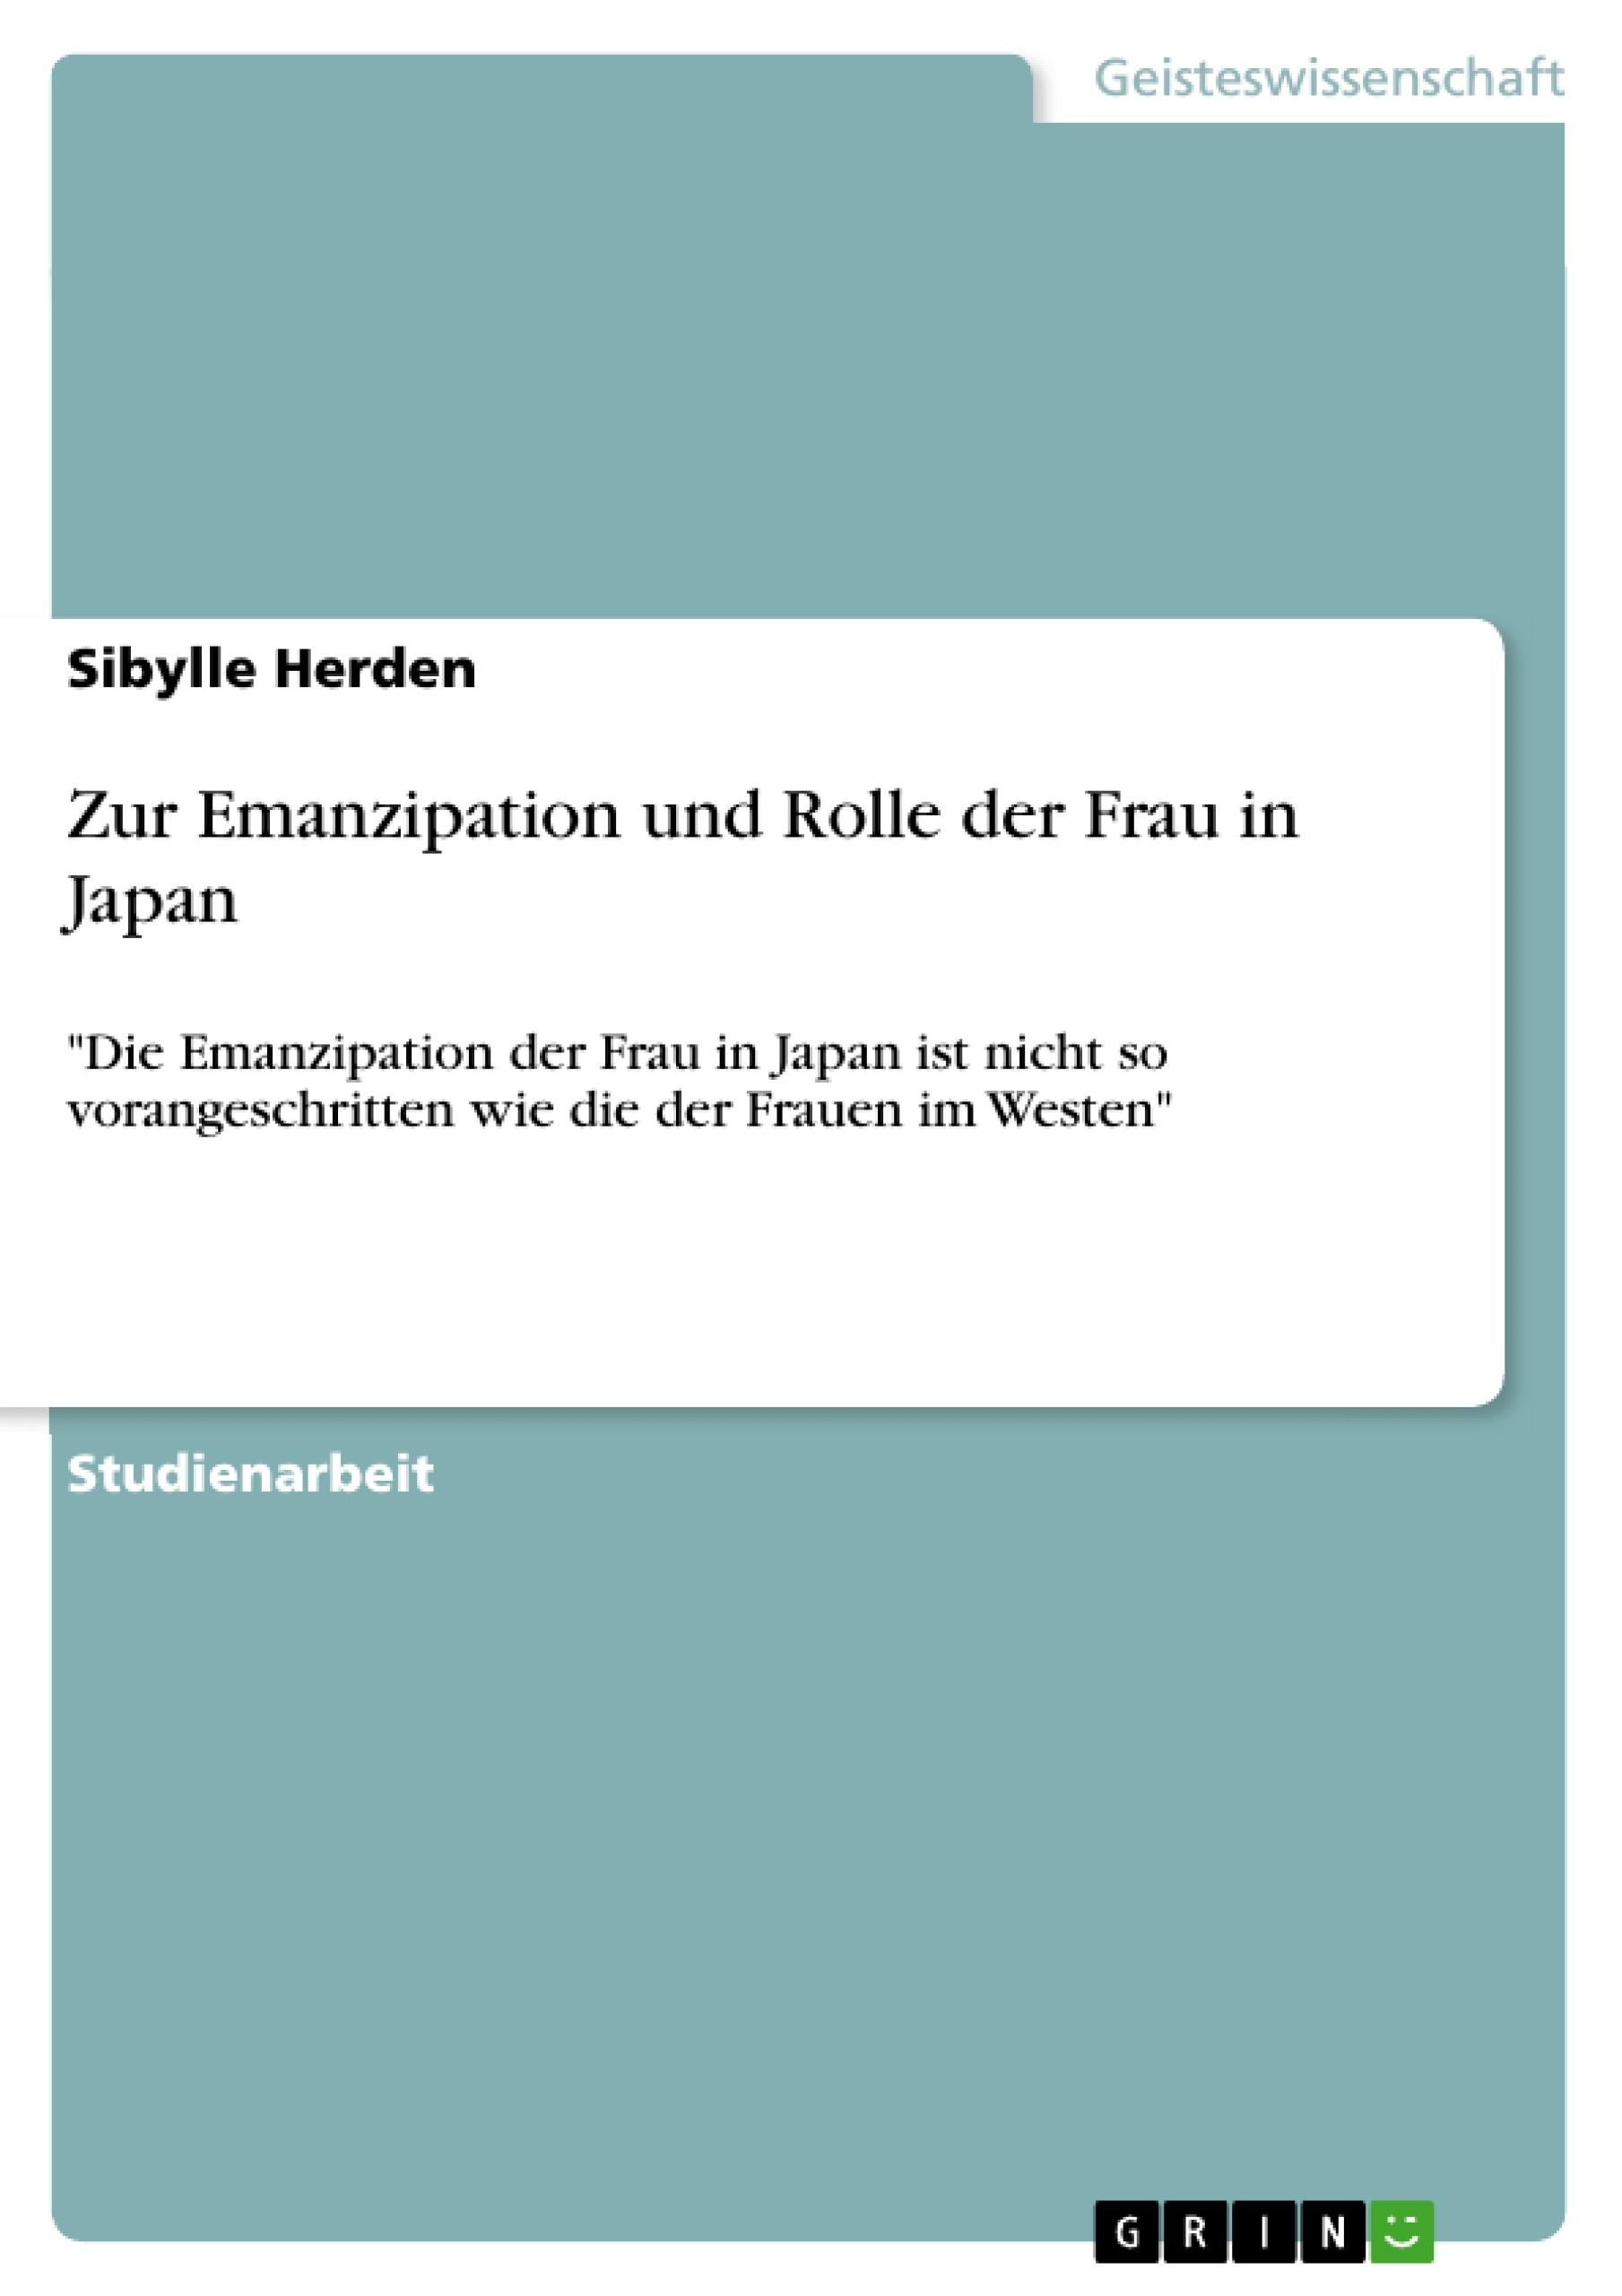 Titel: Zur Emanzipation und Rolle der Frau in Japan